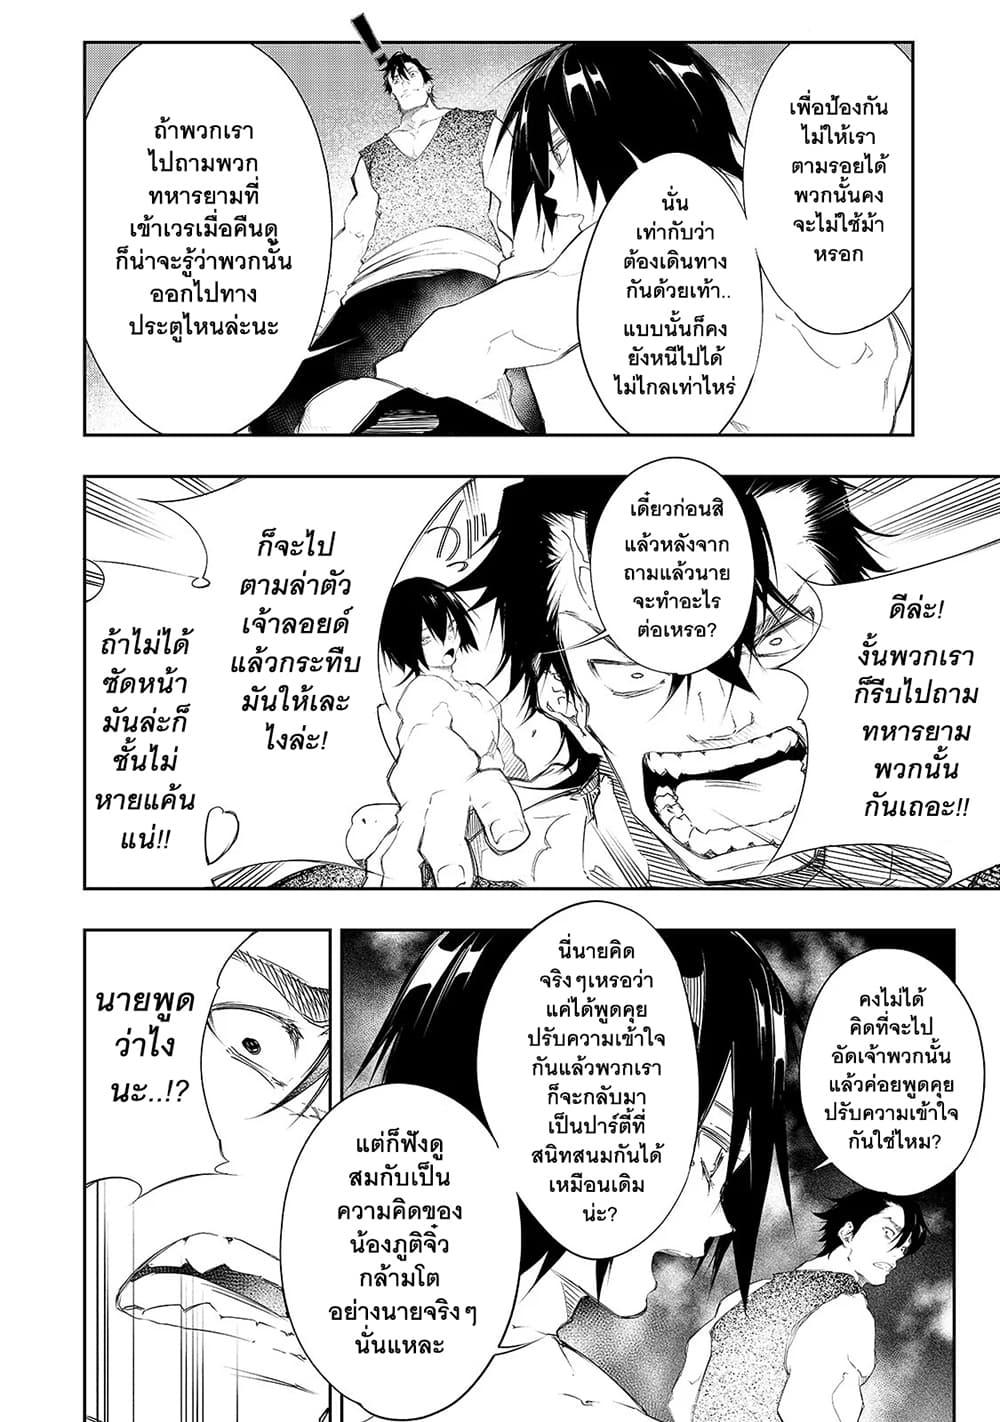 อ่านการ์ตูน Saikyou no Shien-shoku Wajutsushi Dearu Ore wa Sekai Saikyou Kuran o Shitagaeru ตอนที่ 5 หน้าที่ 5